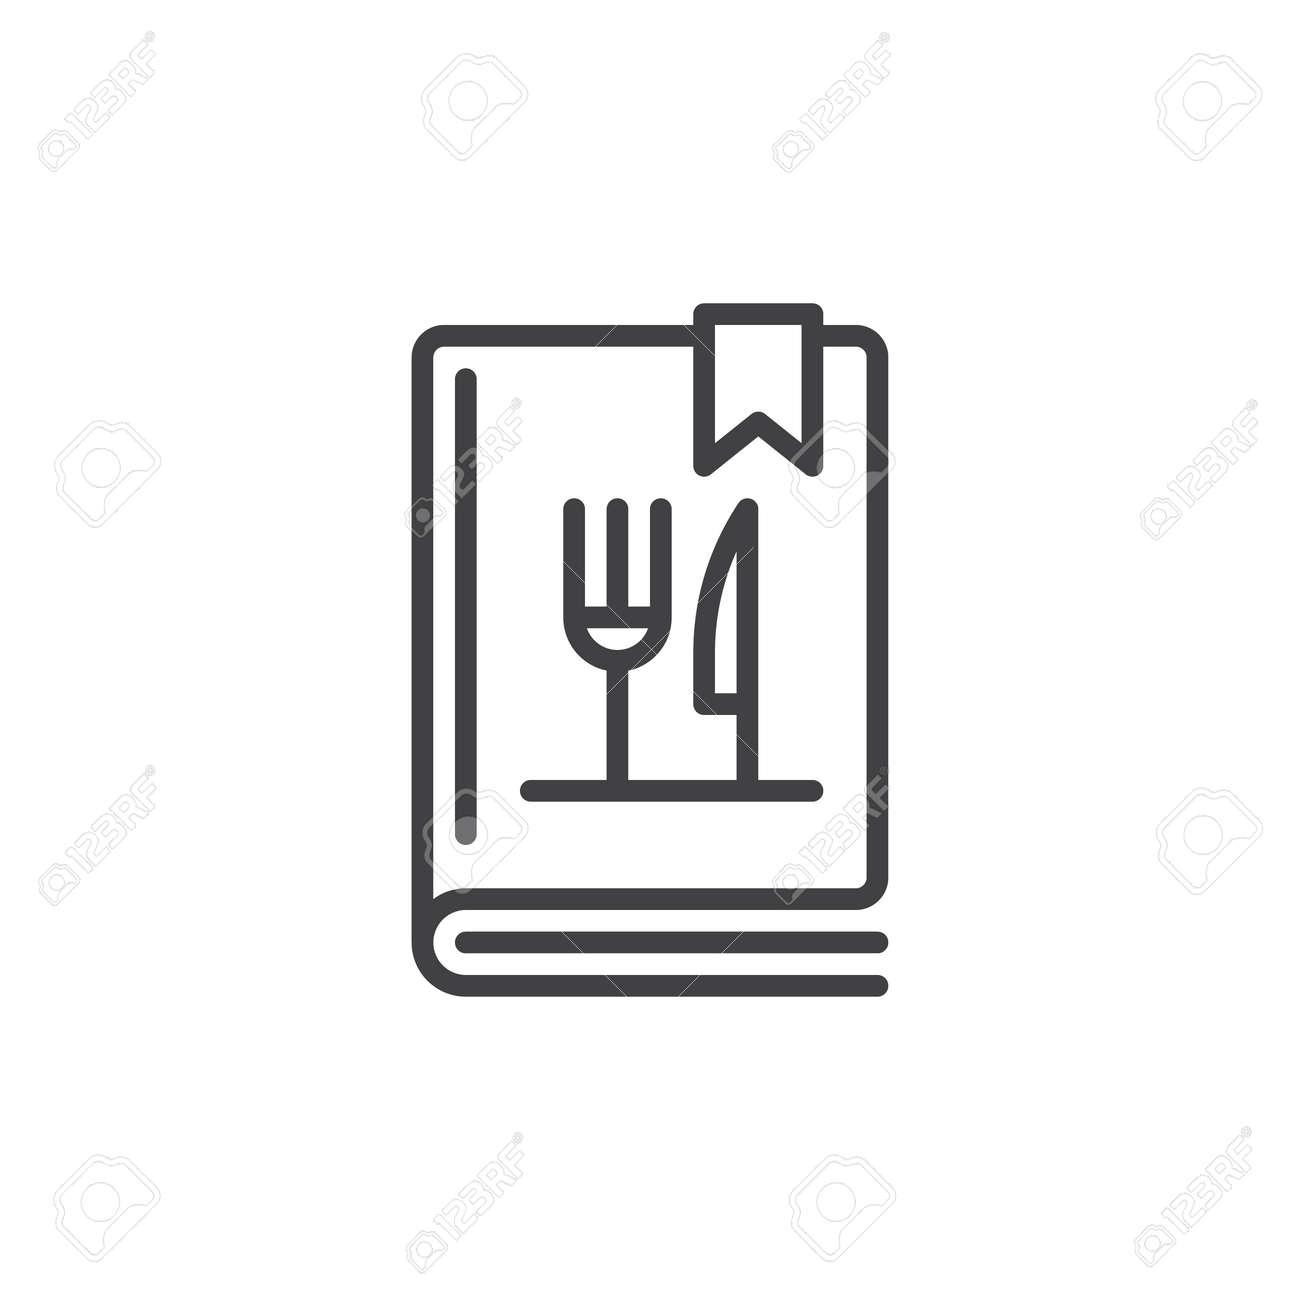 Icone De Ligne Livre De Cuisine Ou Livre De Cuisine Contour Vector Signe Pictogramme De Style Lineaire Isole Sur Blanc Symbole Illustration De